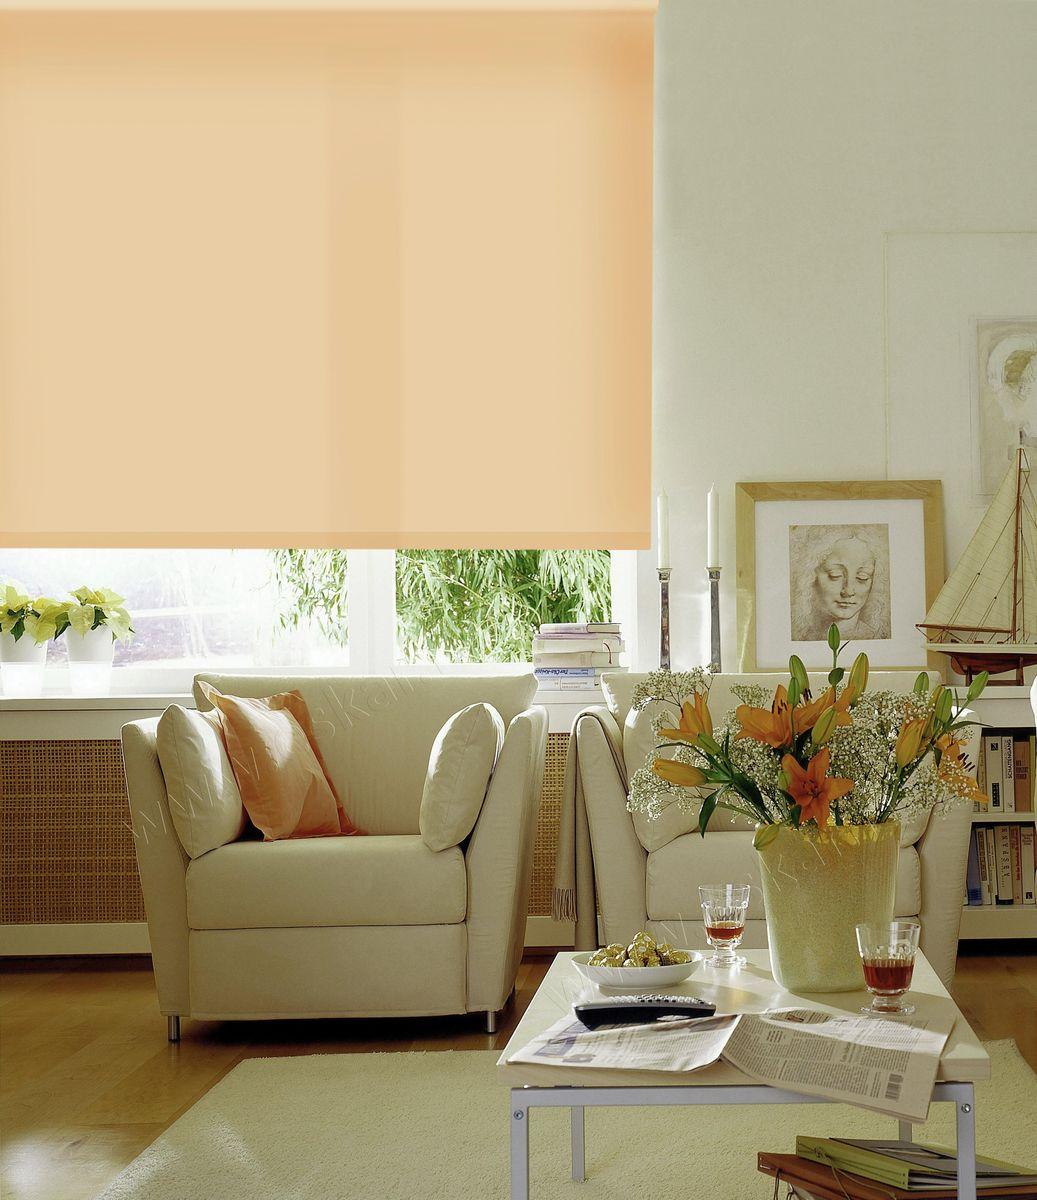 Штора рулонная Эскар, цвет: светло-абрикосовый, ширина 130 см, высота 170 см81112130170Рулонными шторами можно оформлять окна как самостоятельно, так и использовать в комбинации с портьерами. Это поможет предотвратить выгорание дорогой ткани на солнце и соединит функционал рулонных с красотой навесных.Преимущества применения рулонных штор для пластиковых окон:- имеют прекрасный внешний вид: многообразие и фактурность материала изделия отлично смотрятся в любом интерьере; - многофункциональны: есть возможность подобрать шторы способные эффективно защитить комнату от солнца, при этом о на не будет слишком темной. - Есть возможность осуществить быстрый монтаж. ВНИМАНИЕ! Размеры ширины изделия указаны по ширине ткани!Во время эксплуатации не рекомендуется полностью разматывать рулон, чтобы не оторвать ткань от намоточного вала.В случае загрязнения поверхности ткани, чистку шторы проводят одним из способов, в зависимости от типа загрязнения: легкое поверхностное загрязнение можно удалить при помощи канцелярского ластика; чистка от пыли производится сухим методом при помощи пылесоса с мягкой щеткой-насадкой; для удаления пятна используйте мягкую губку с пенообразующим неагрессивным моющим средством или пятновыводитель на натуральной основе (нельзя применять растворители).